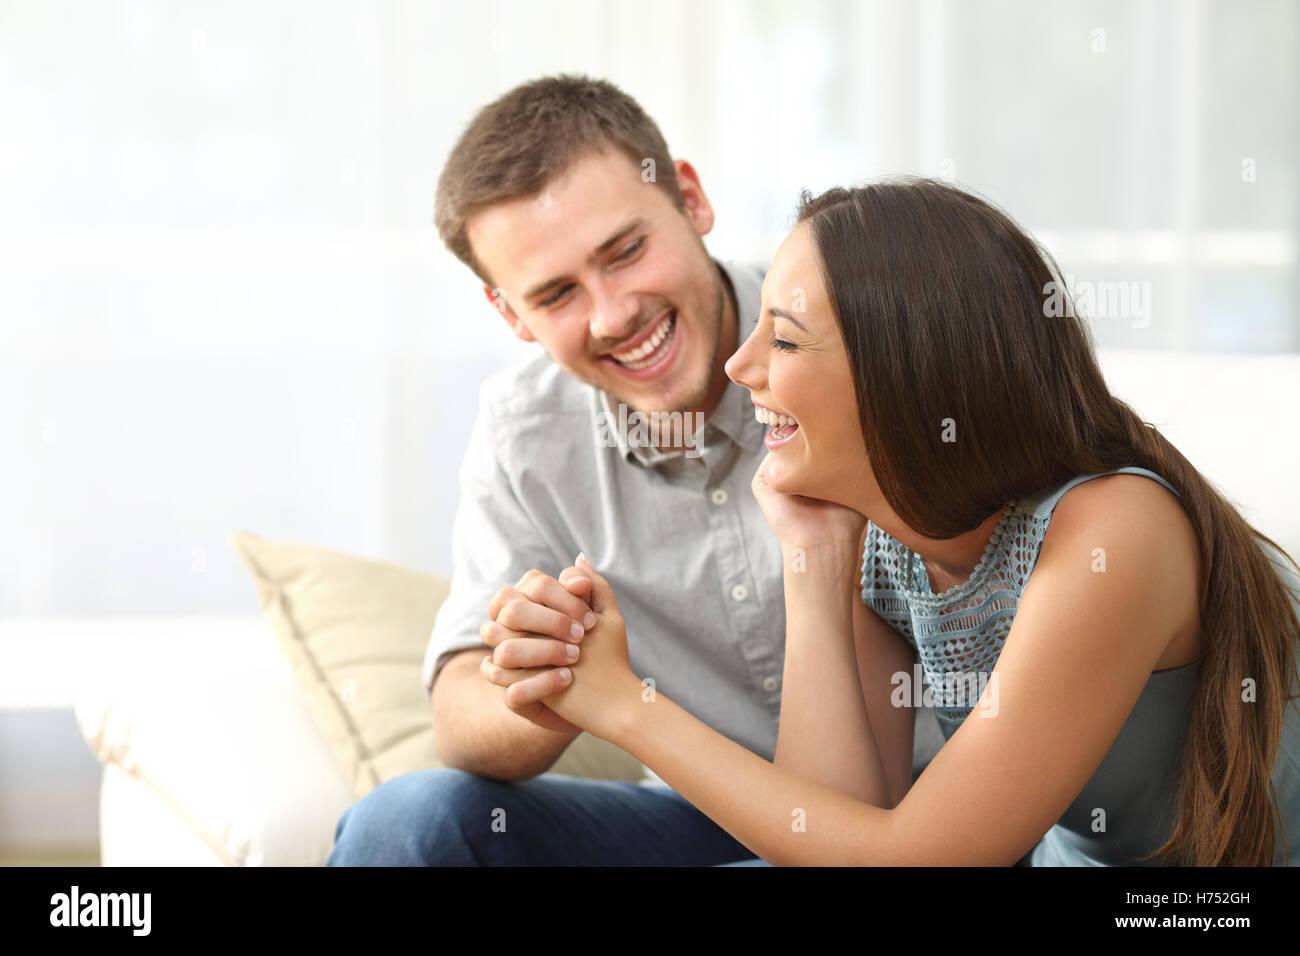 Coppia felice o il matrimonio cercando ogni altra ridendo e tenendo le mani seduto su un divano a casa Immagini Stock